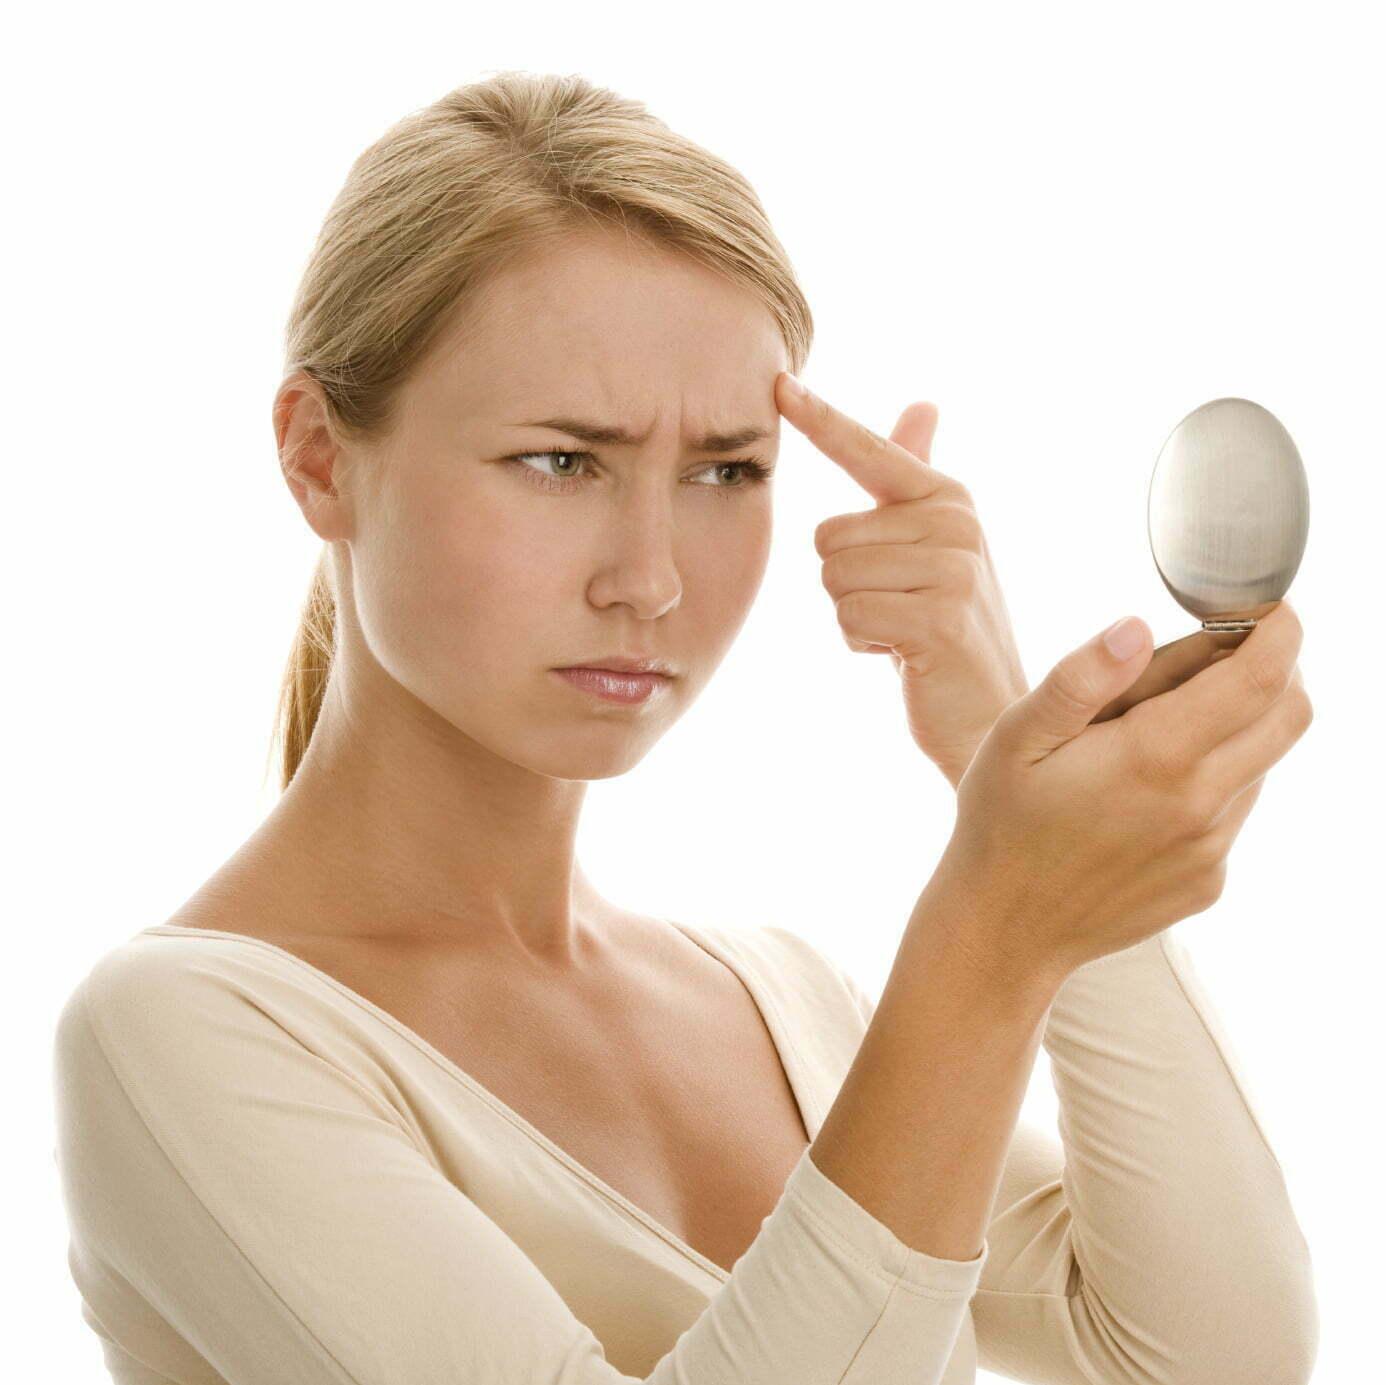 woman-wrinkles-mirror